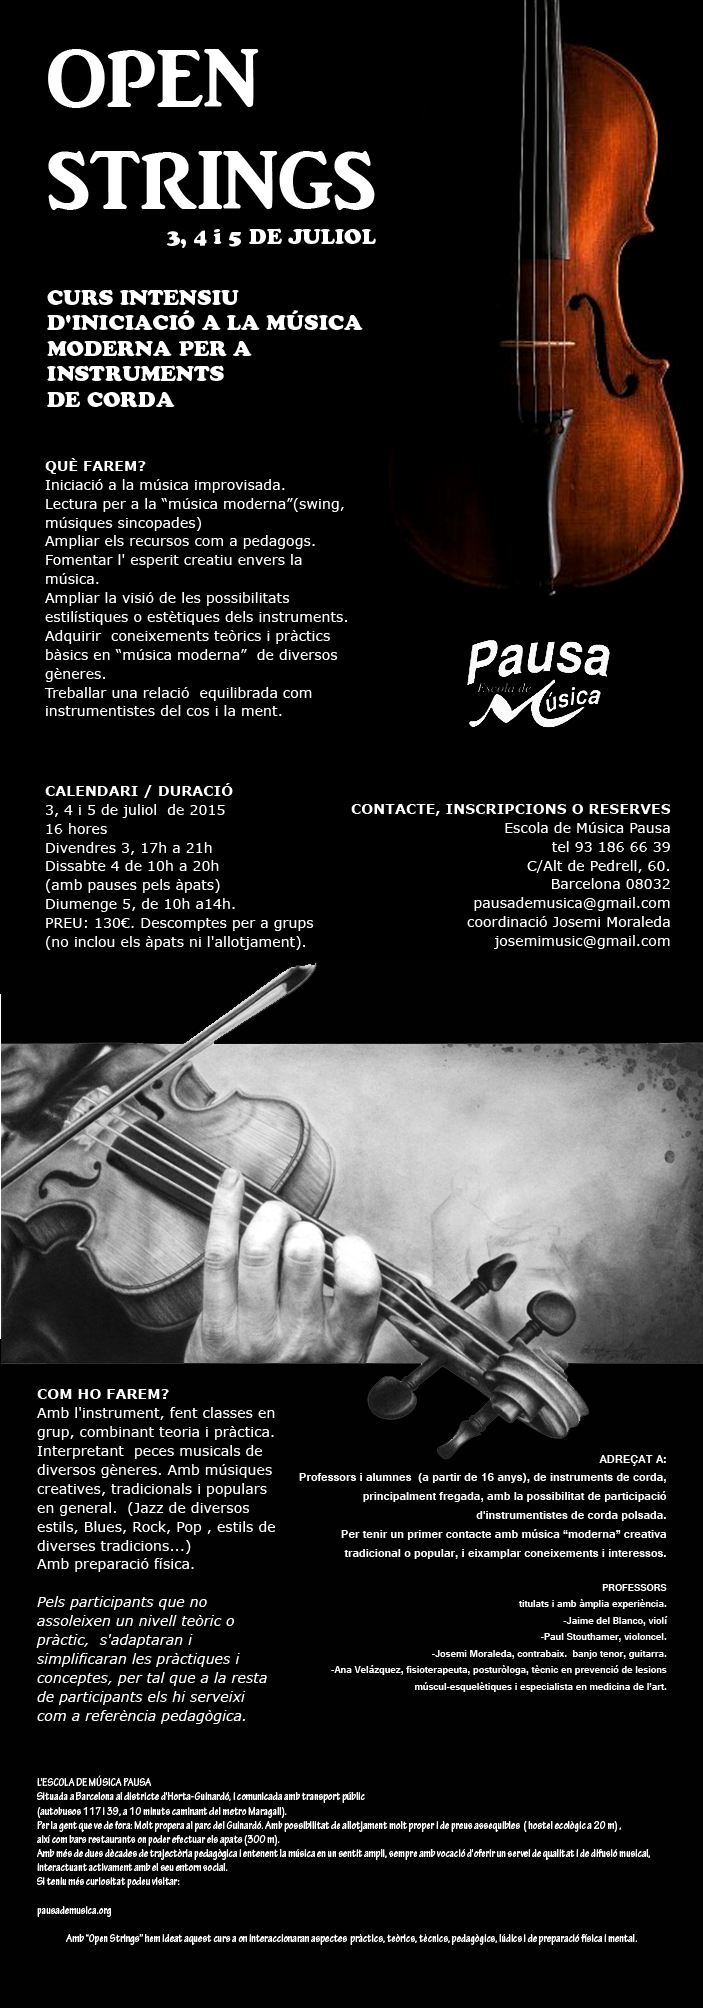 open Strings 2015